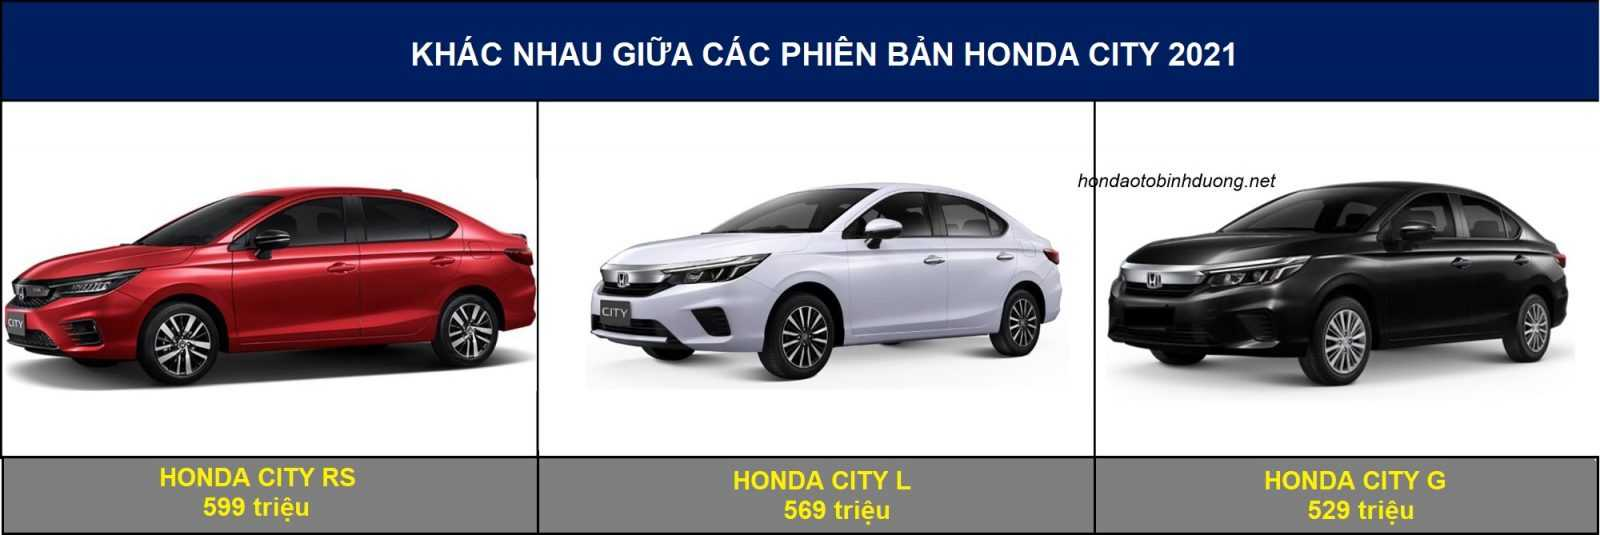 Khác nhau giữa các phiên bản Honda City 2021